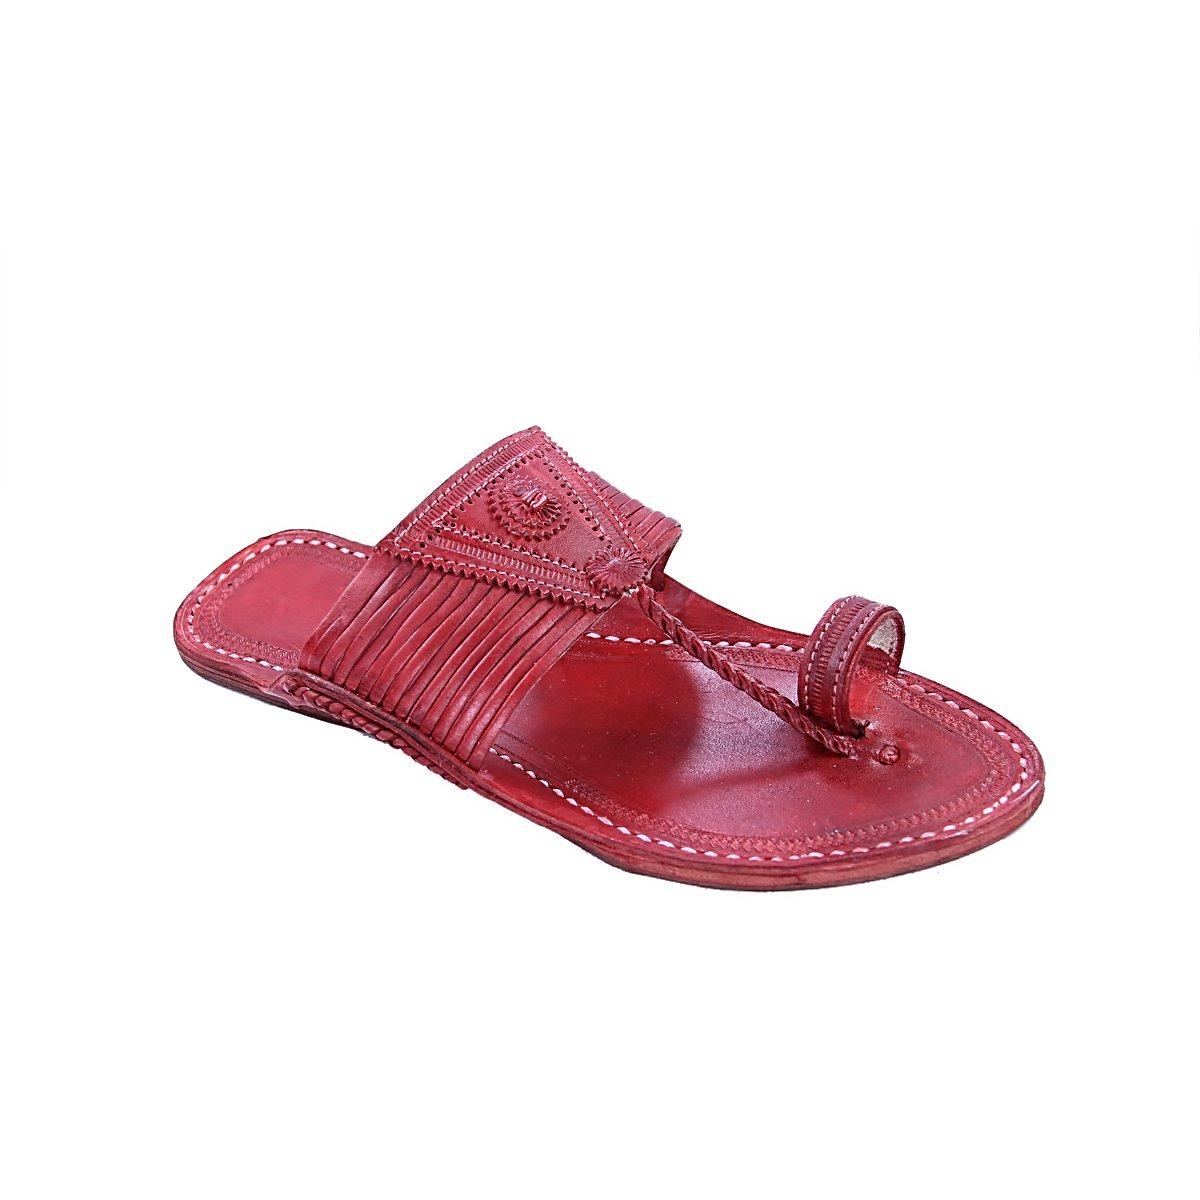 Kolhapuri Chappal - Sandalias de Vestir para Hombre Rojo Rojo Cereza 41.5 EU